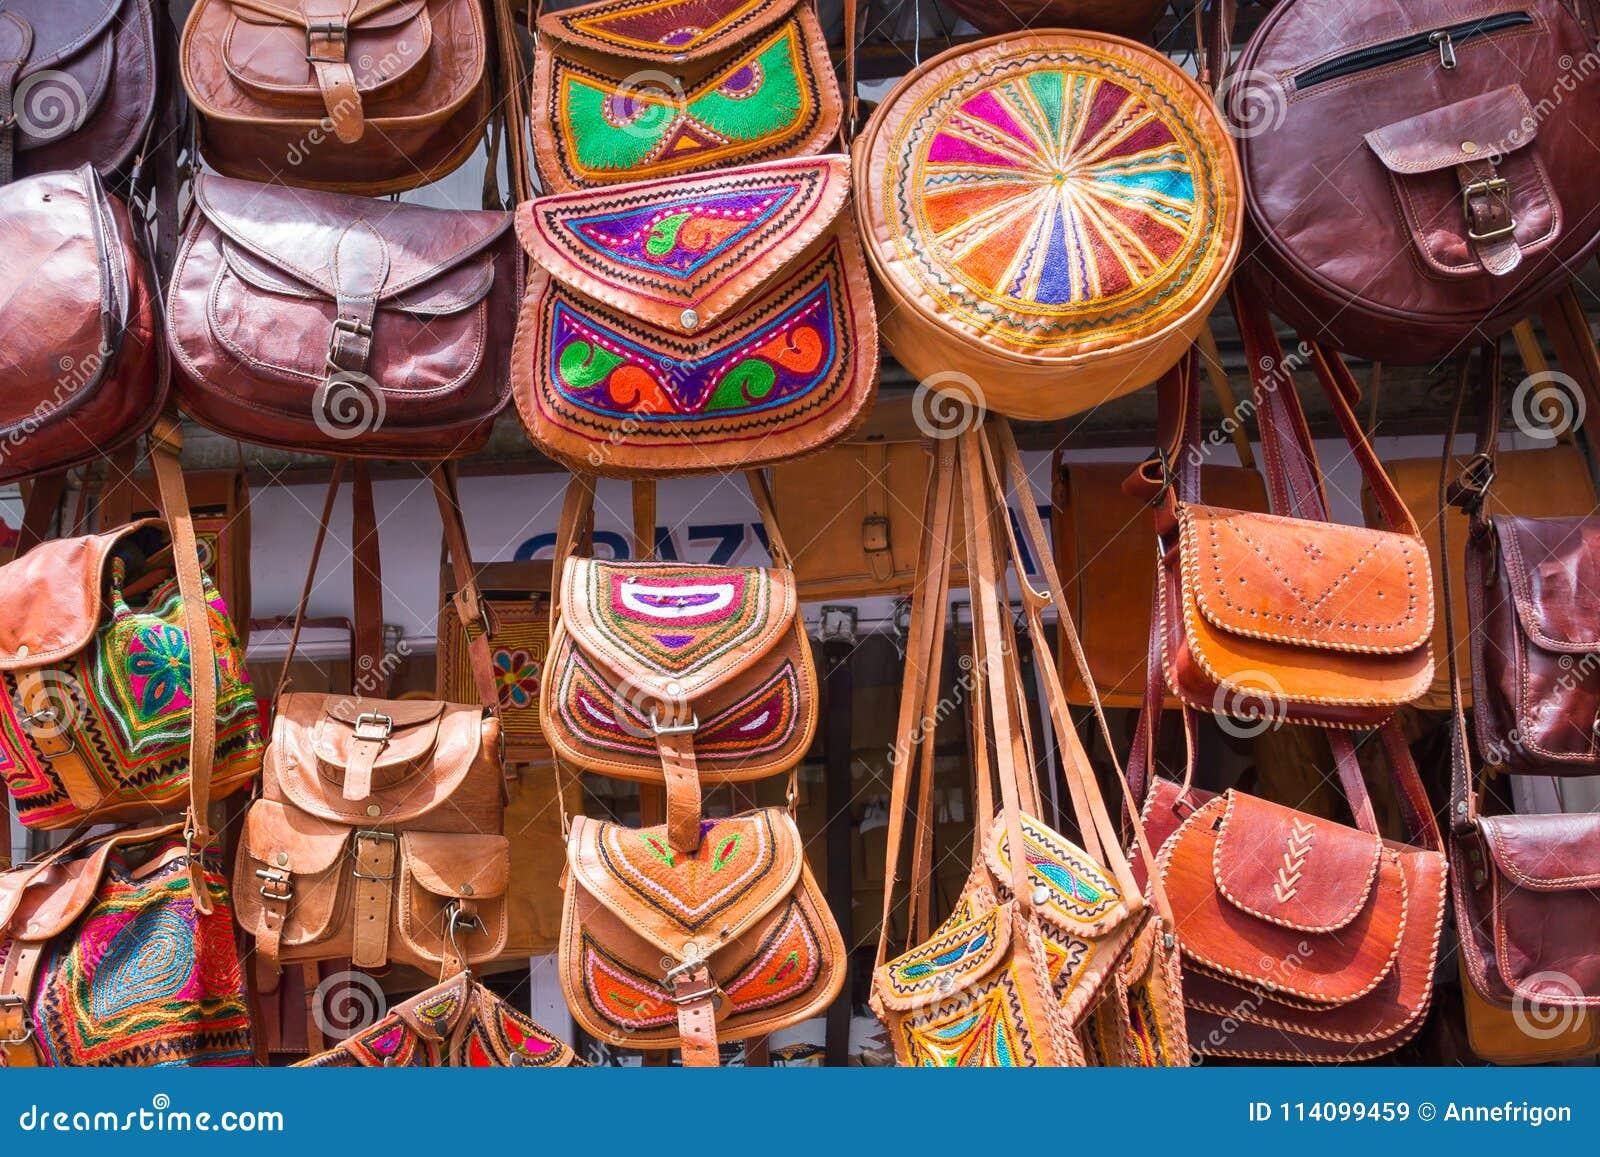 hechos la la India Manali para turistas los a mano a Bolsos venta avdqdZw